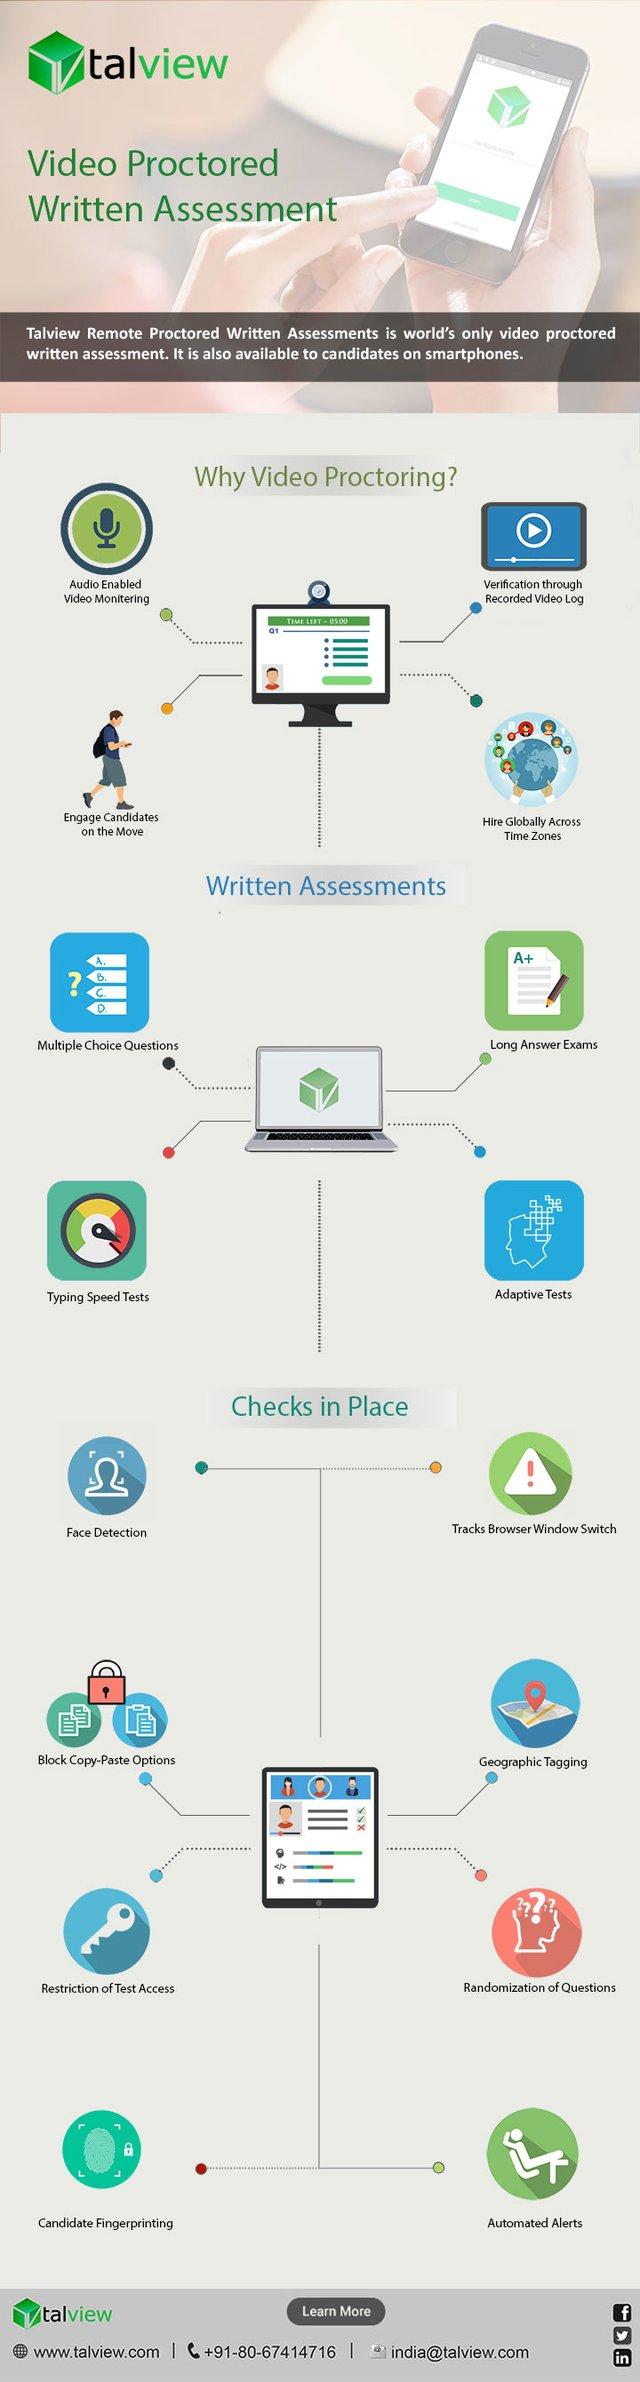 Video Proctored Written Assessment